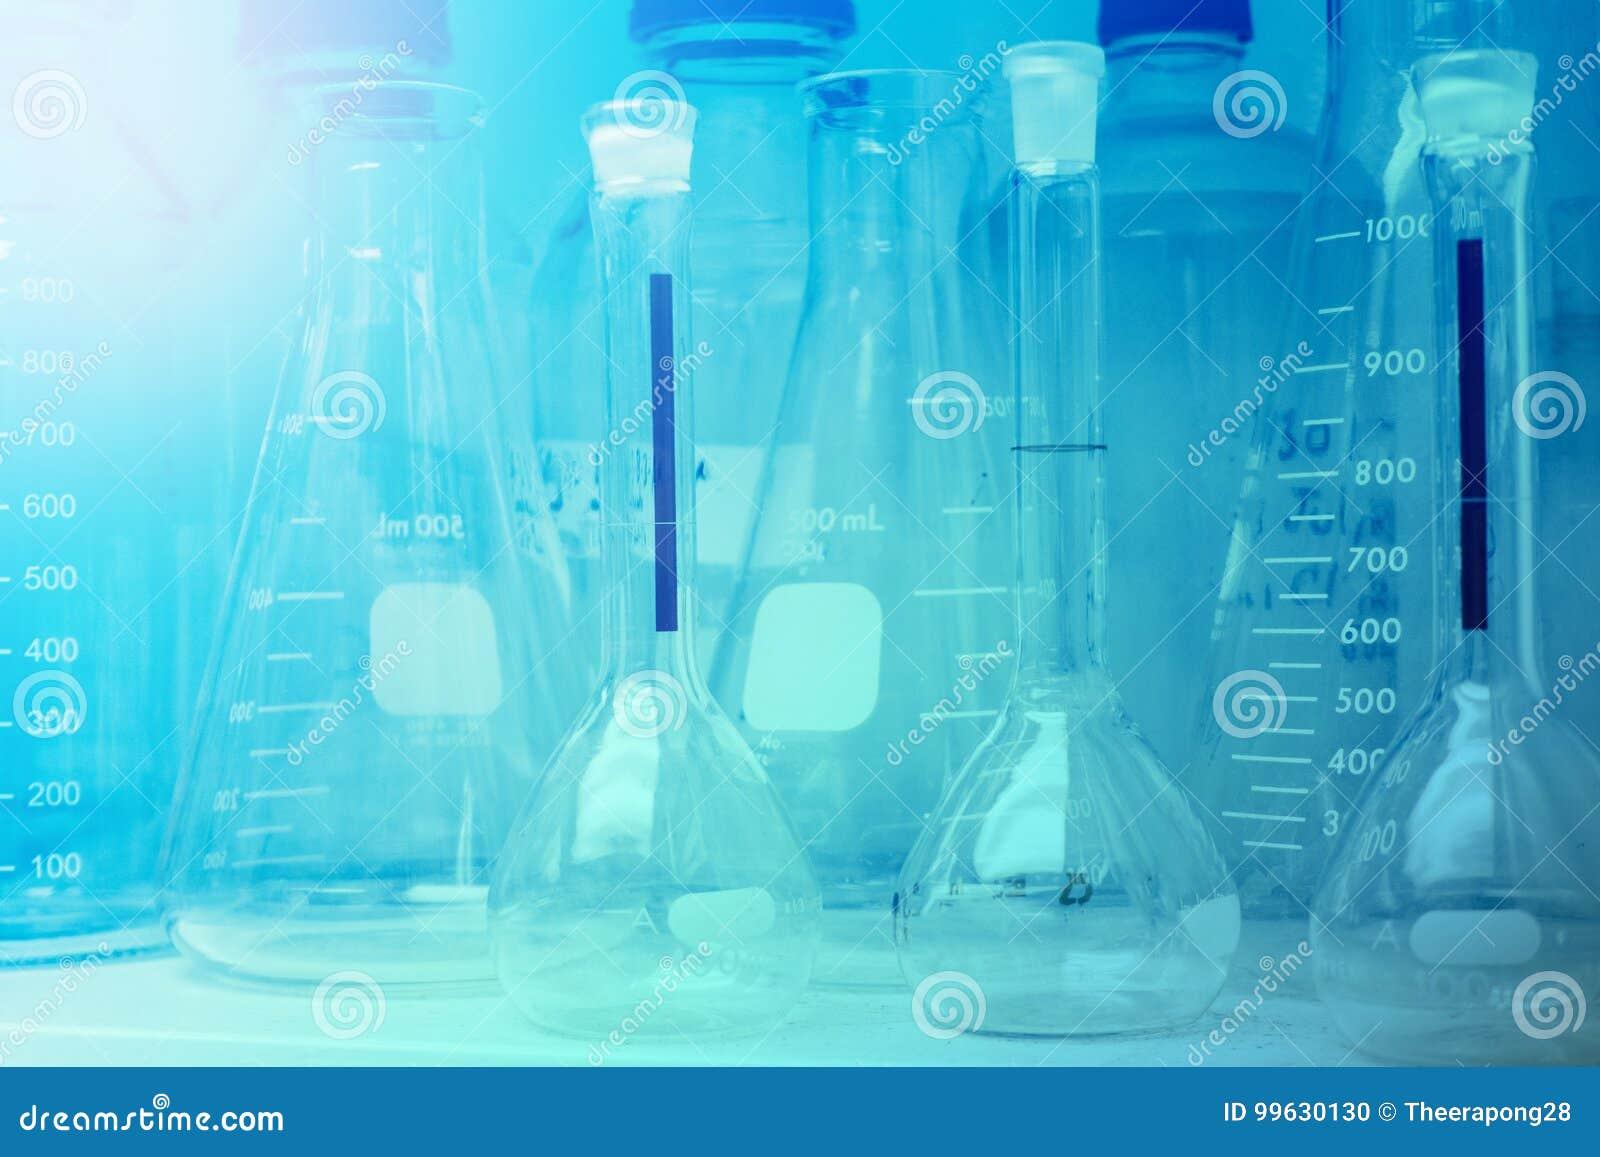 Laboratorium badanie - Naukowy Glassware lub zlewki Dla Chemic